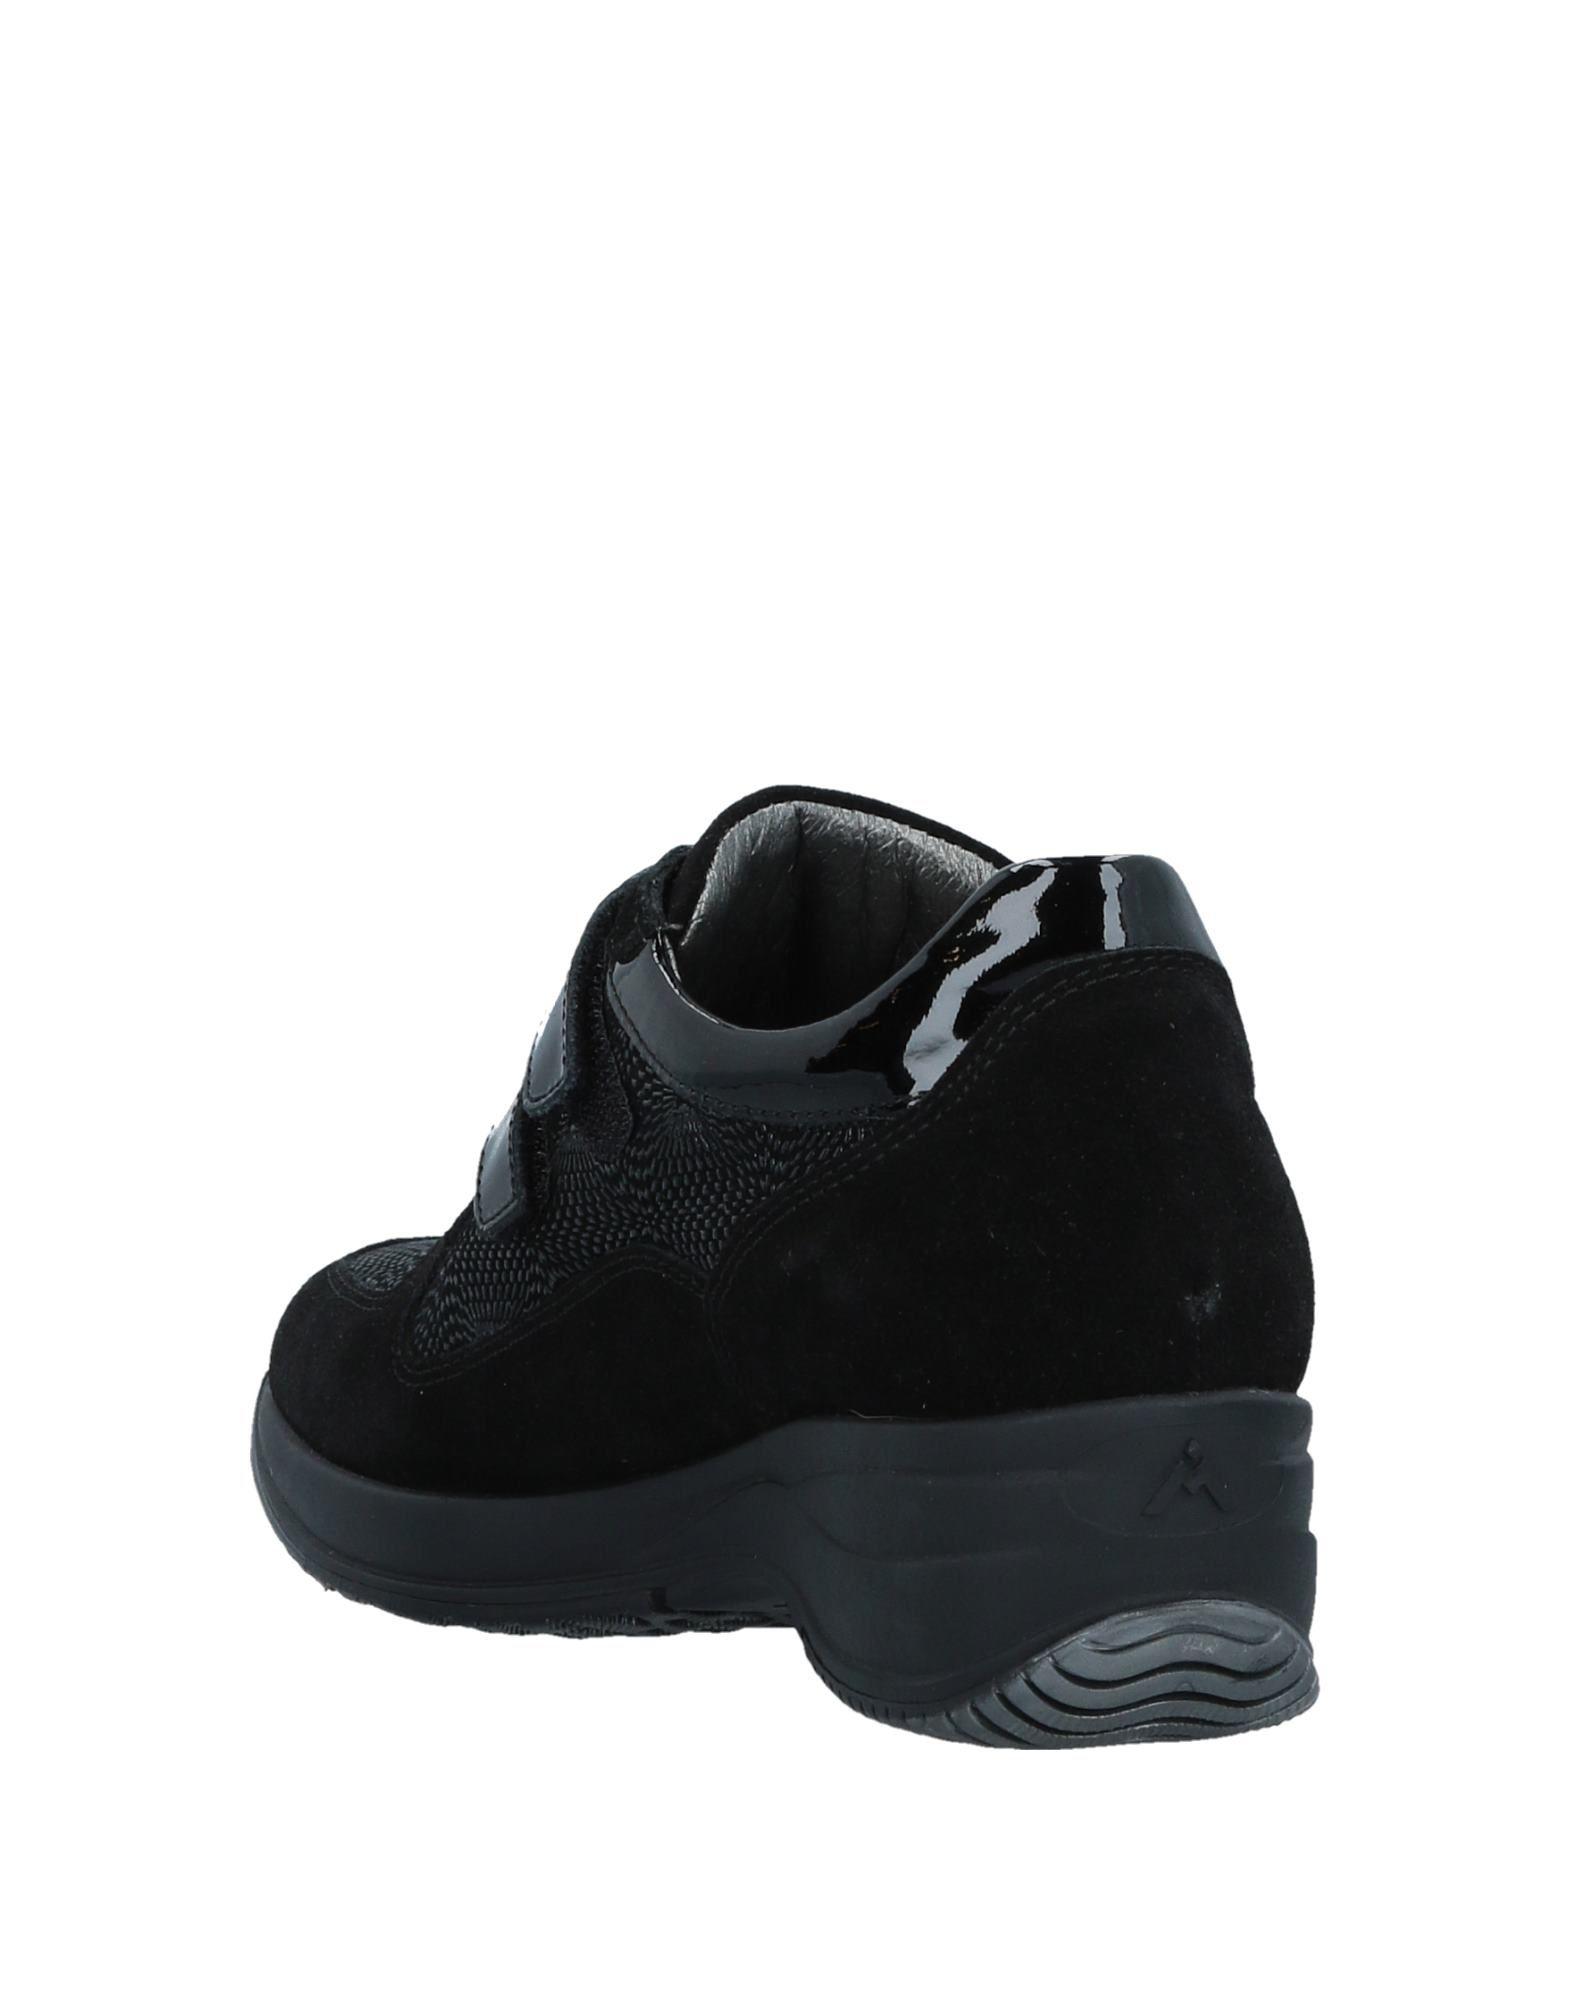 Andrea Morelli Sneakers Damen Qualität  11302461XC Gute Qualität Damen beliebte Schuhe e56d9d